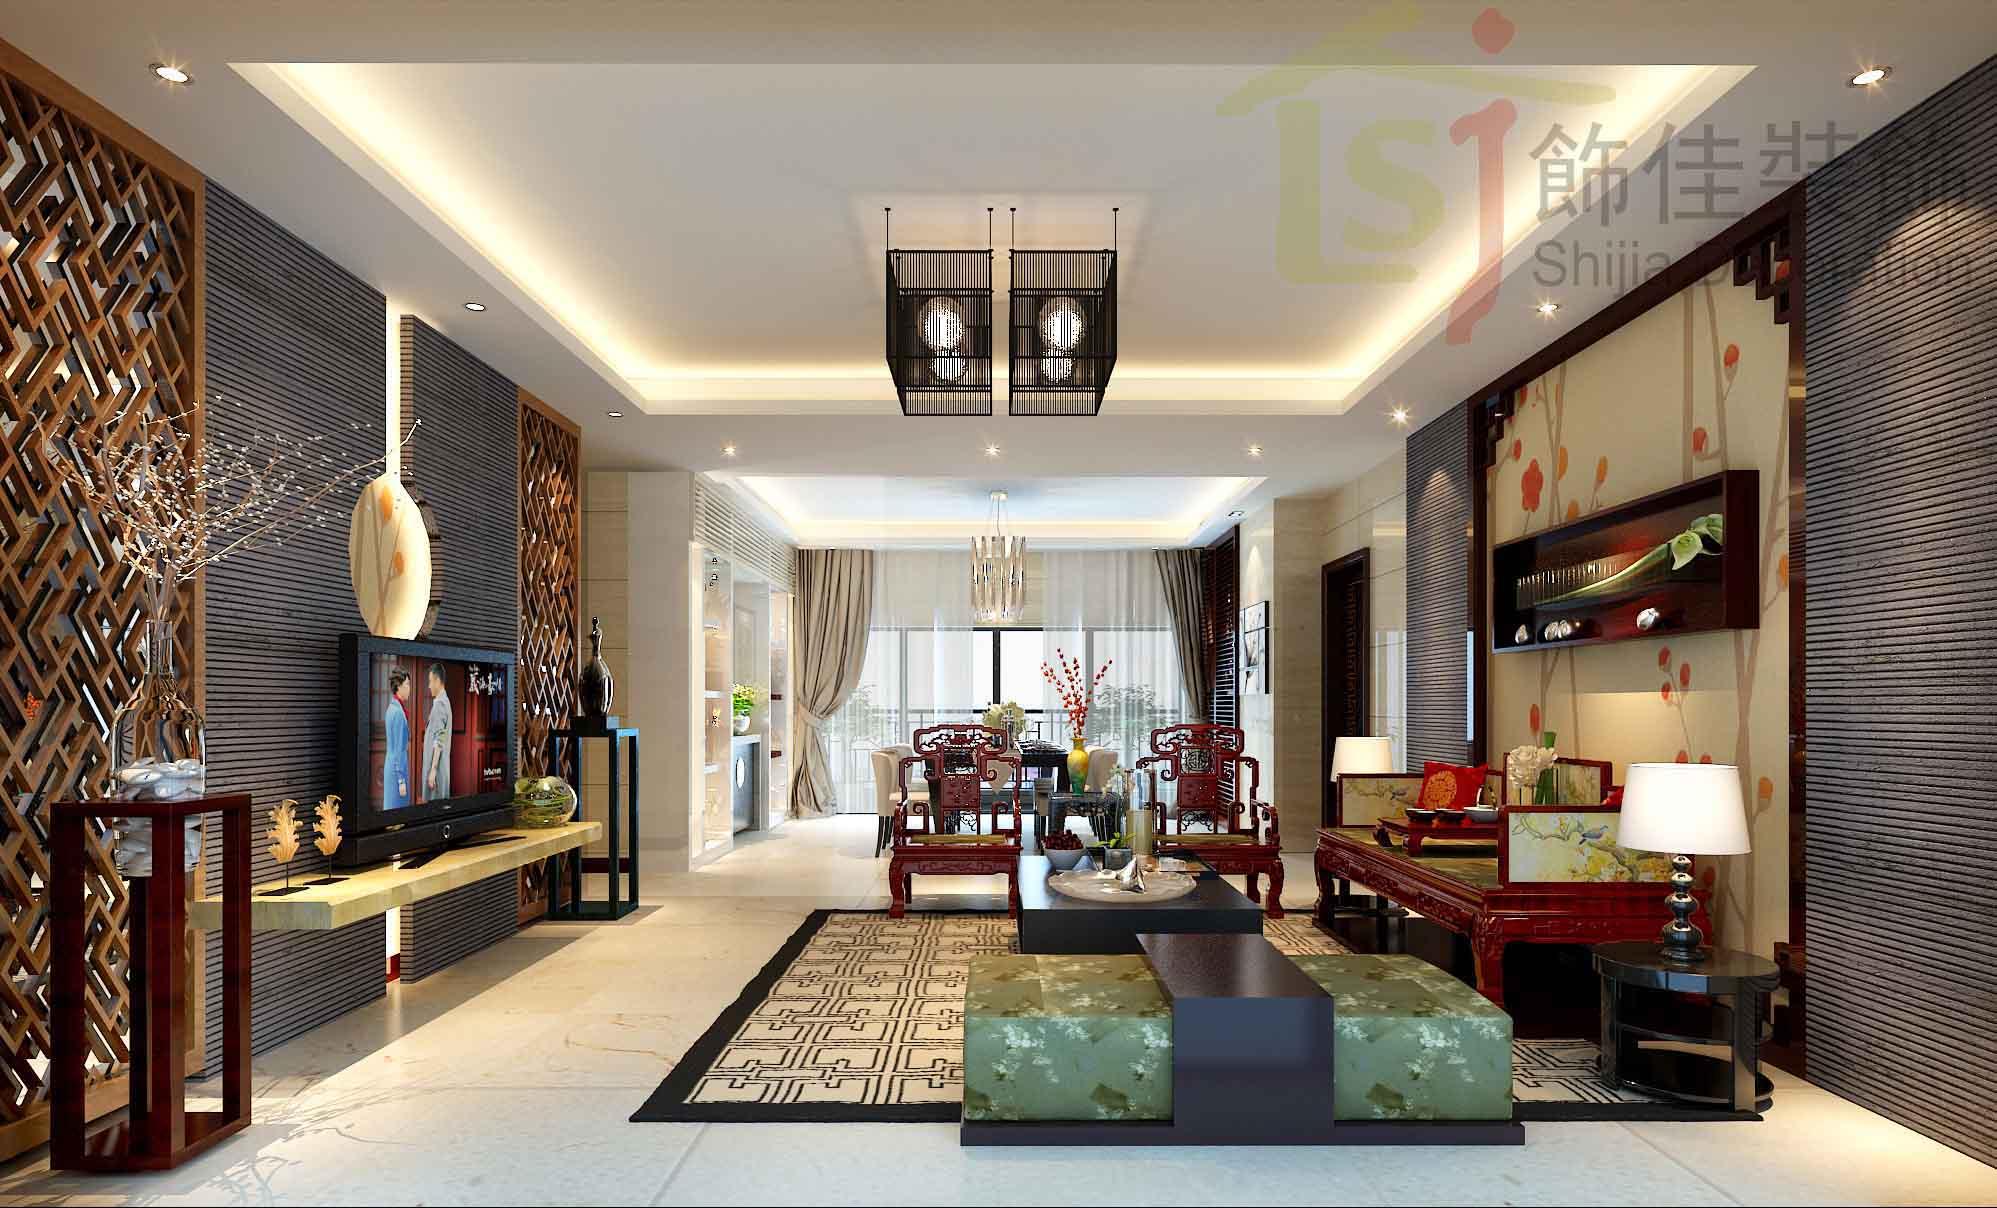 建筑设计:纽约豪华跃层住宅装修设计